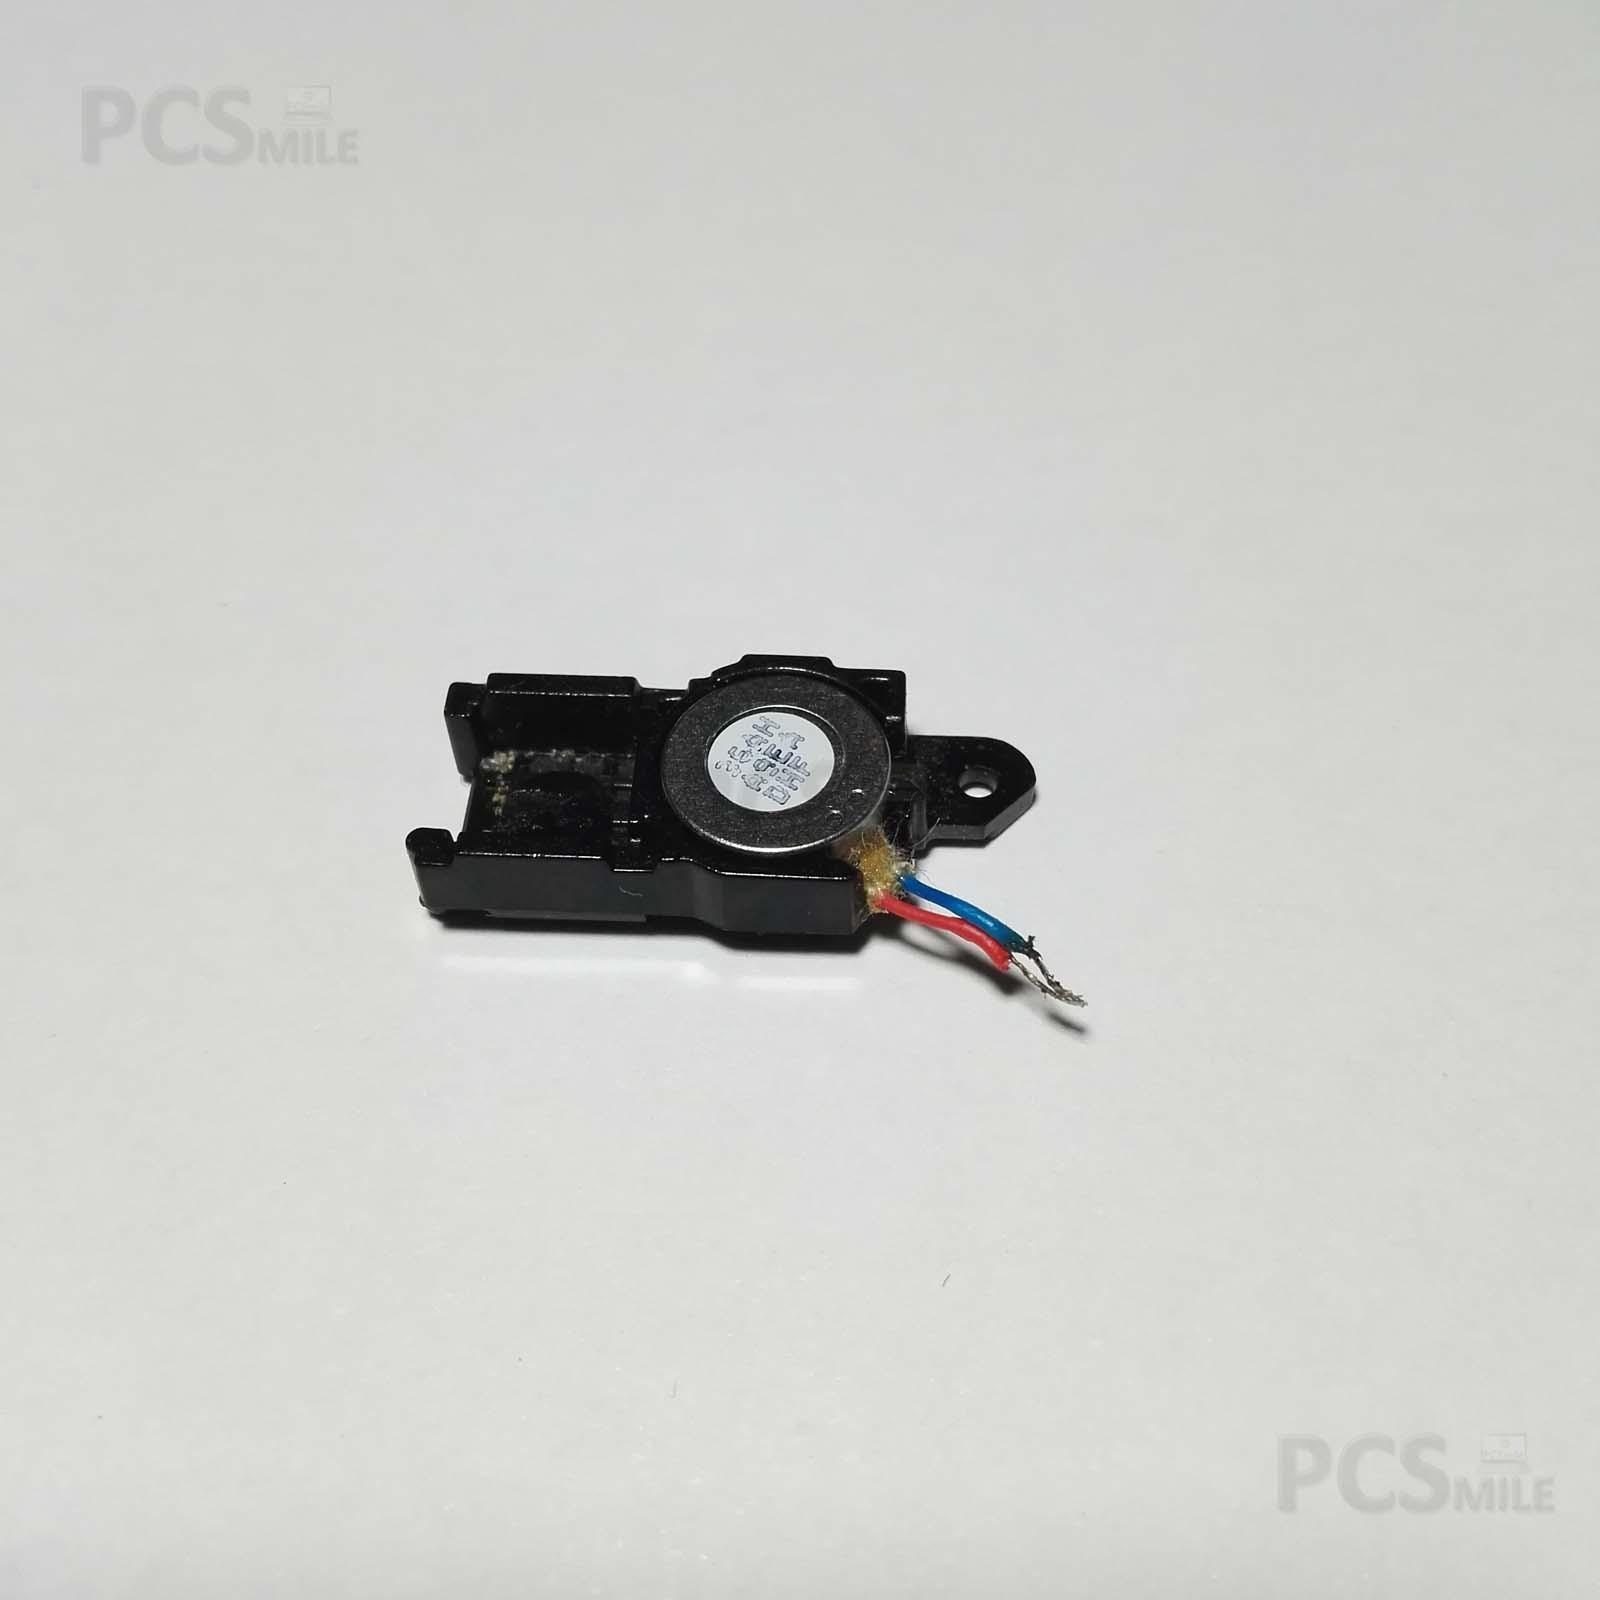 Vibrazione Samsung GT-S3650 Corby vibracall motorino vibrazione